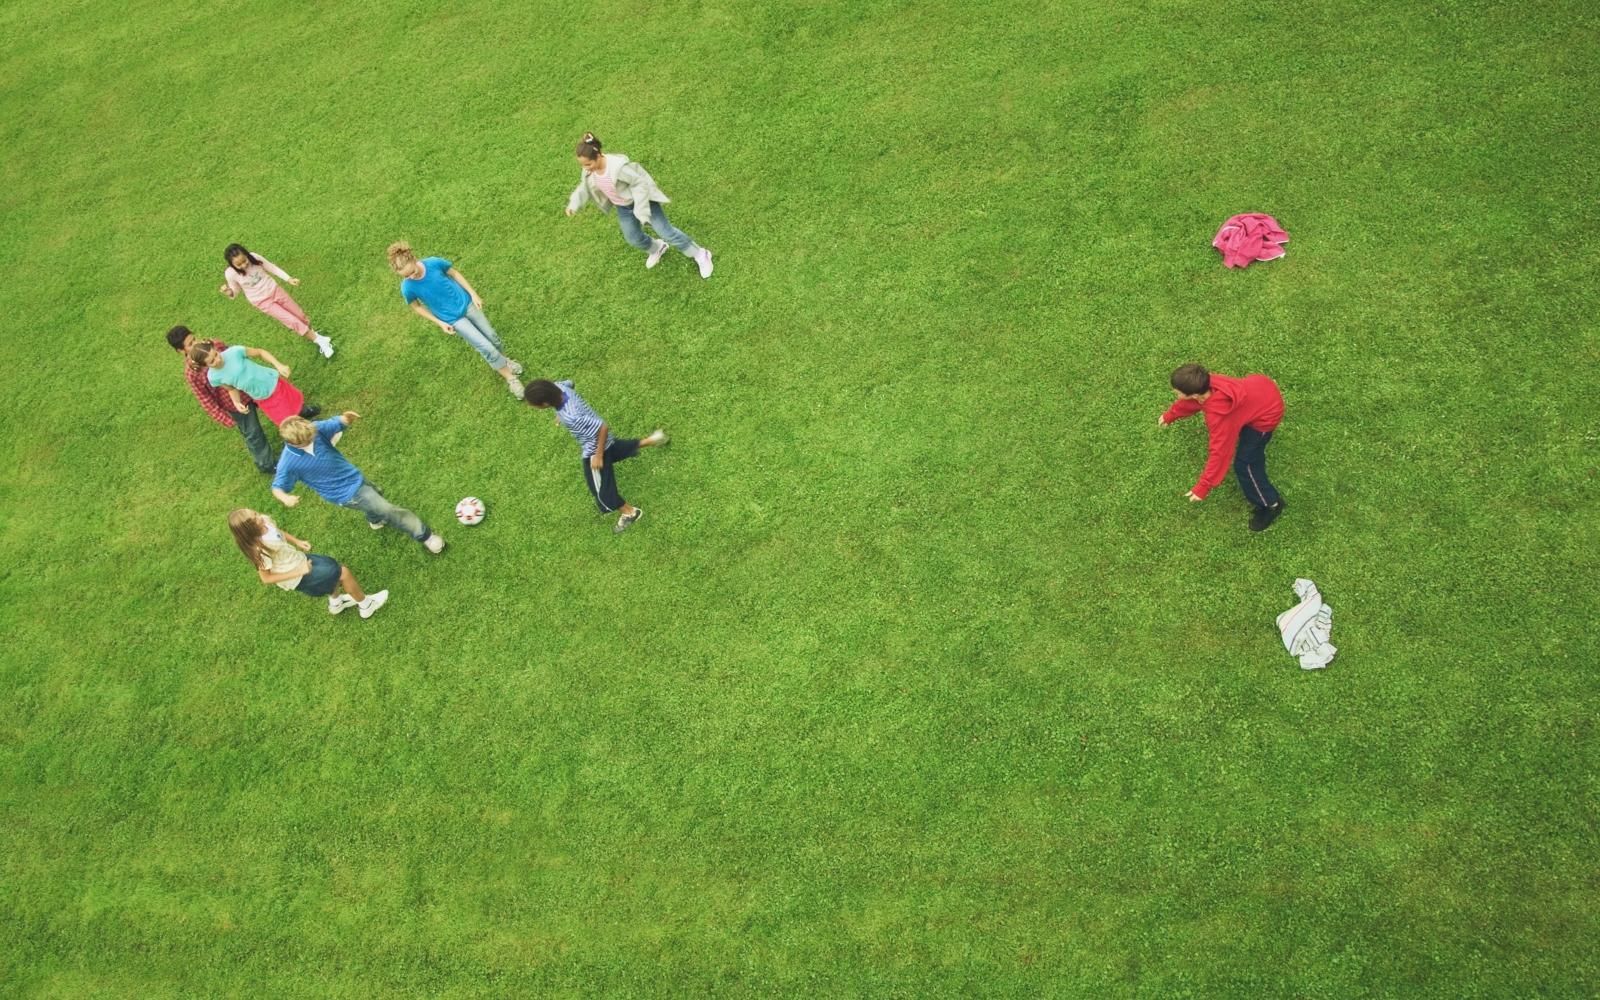 Grupo de crianças a jogar futebol